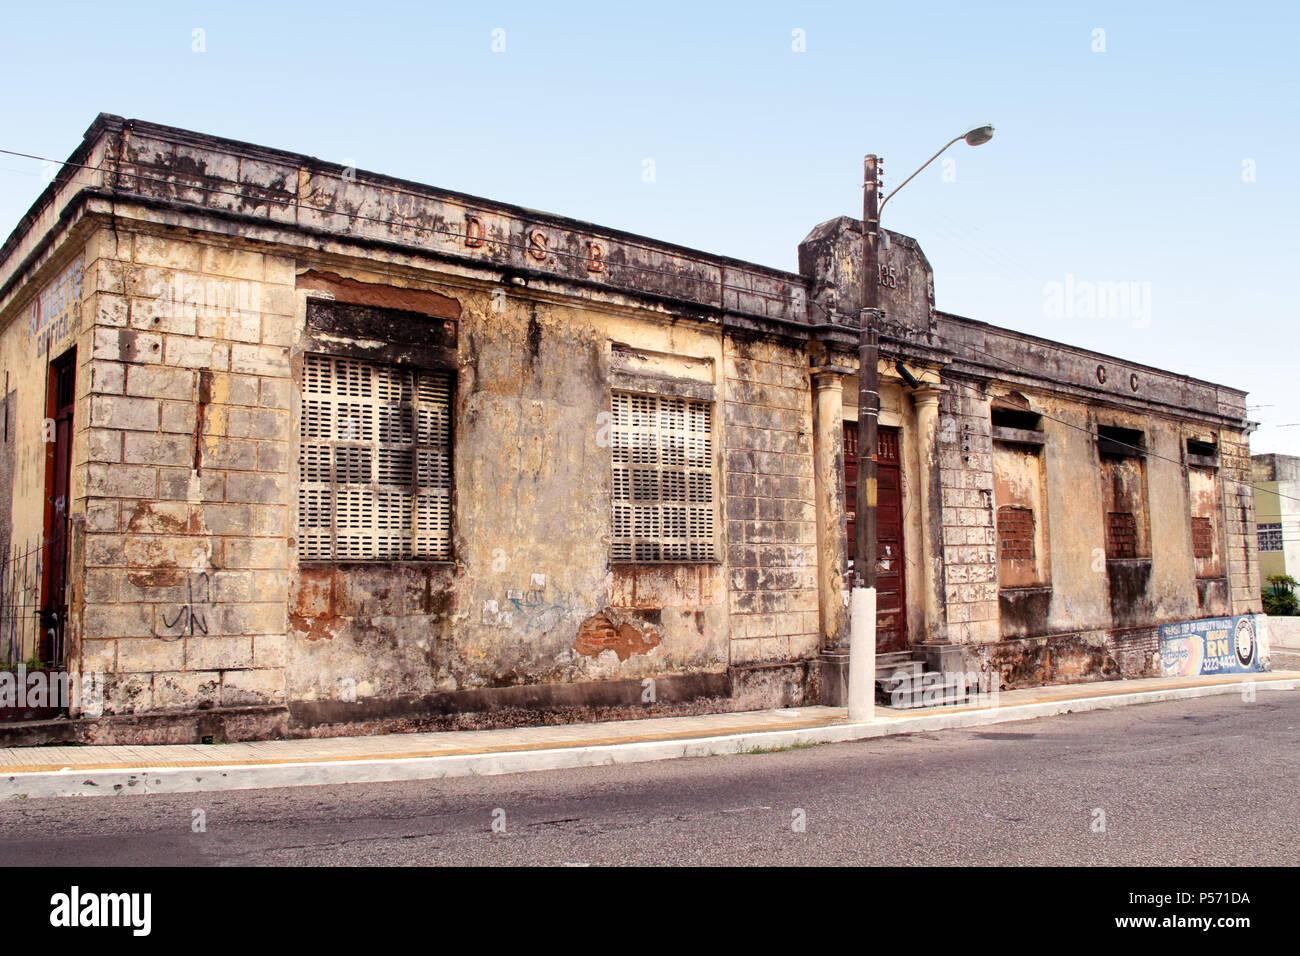 Building, Historic Center, Cidade Alta, Natal, Rio Grande do Norte, Brazil - Stock Image